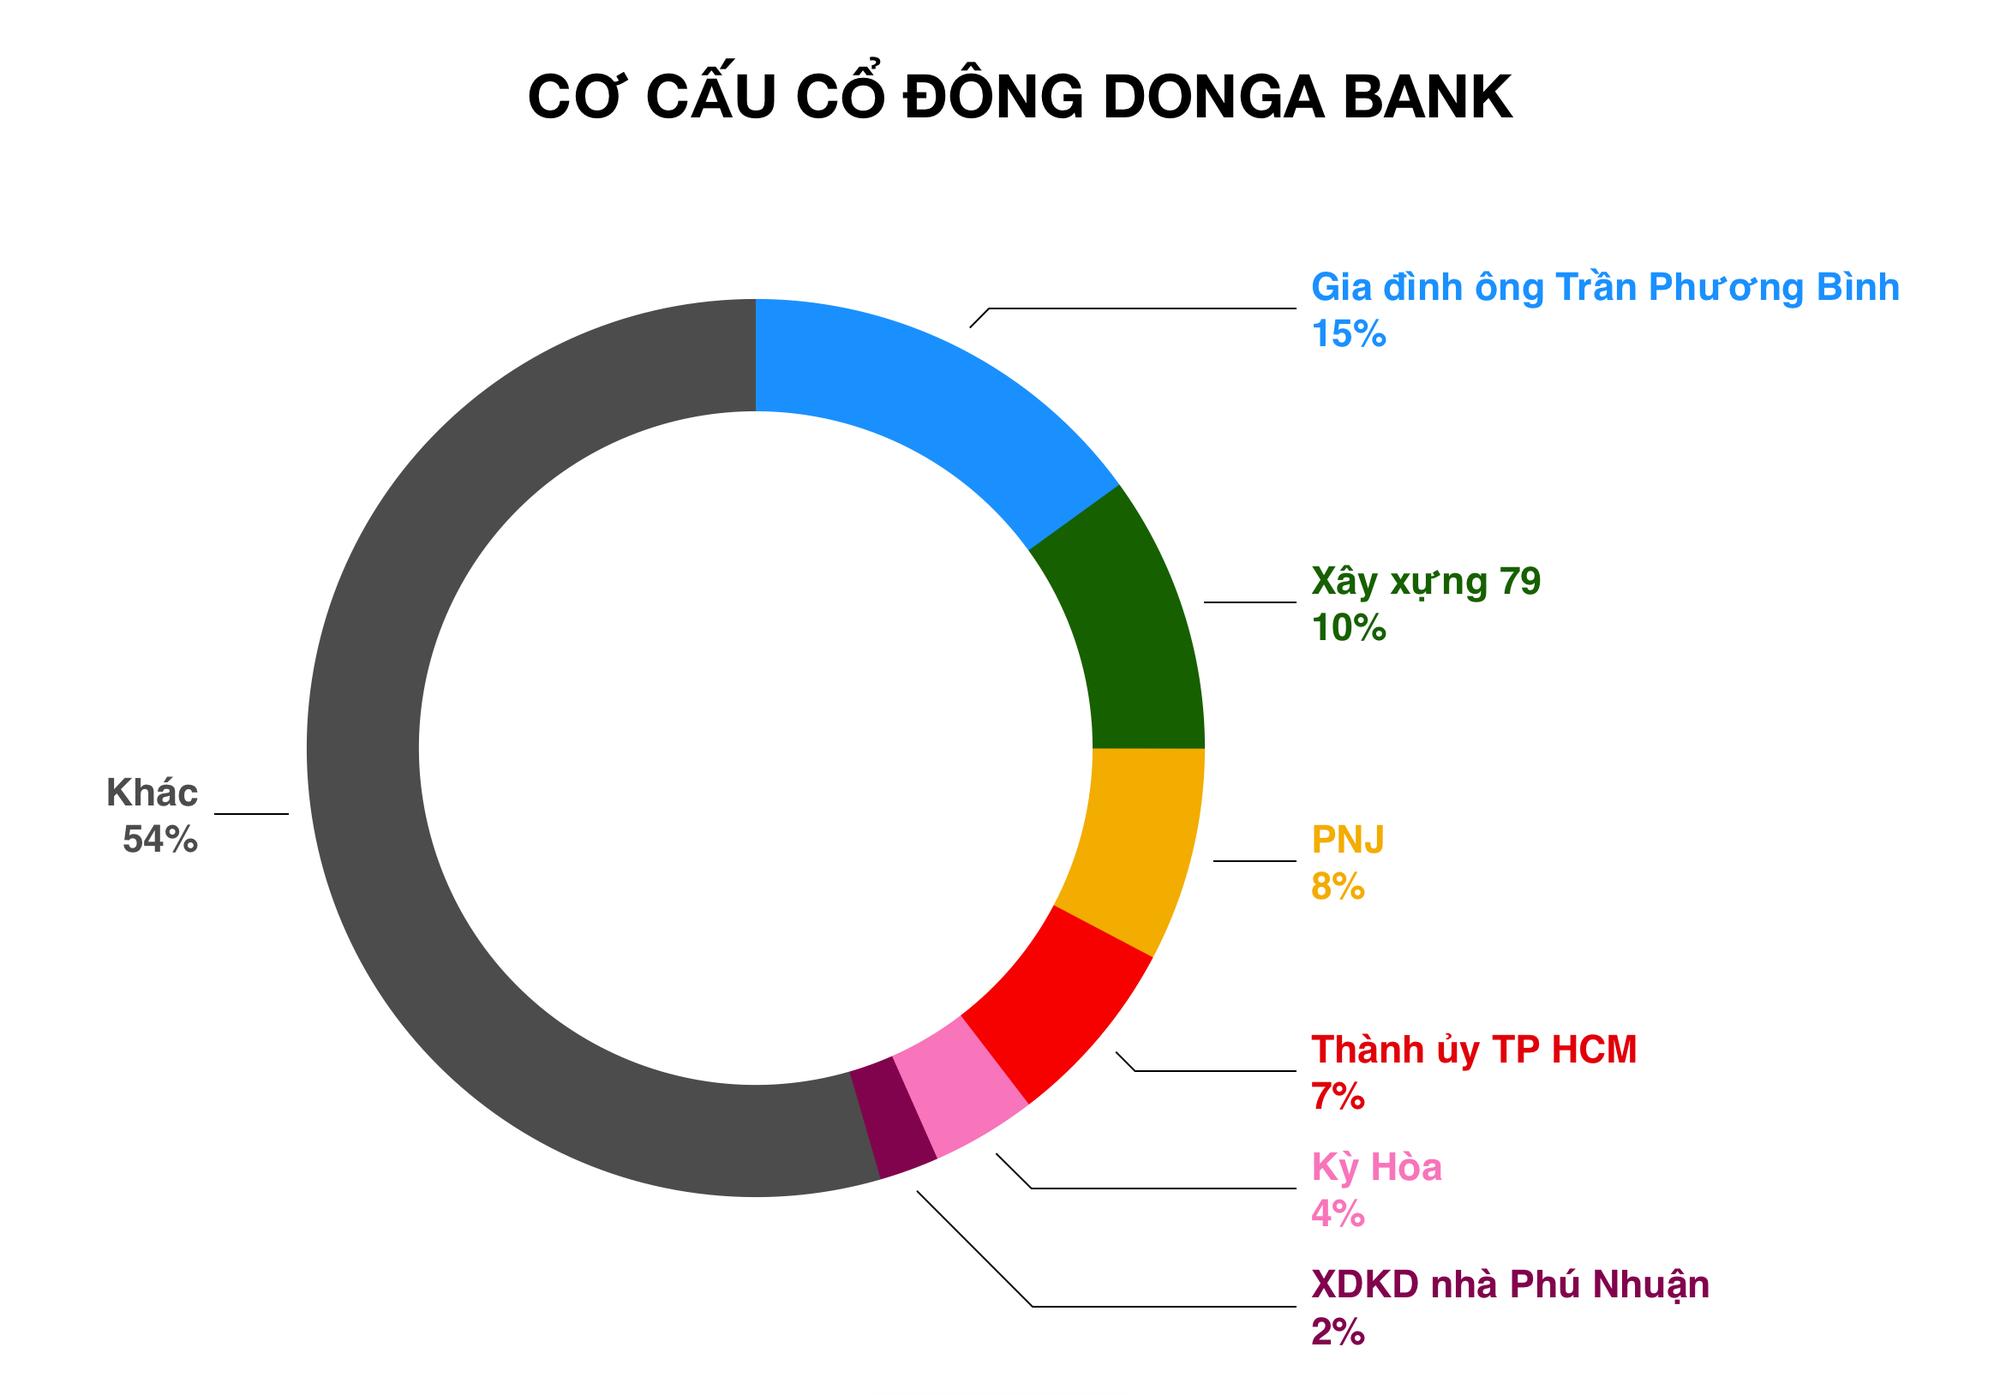 co-cau-co-dong-donga-bank-1569720781213494996575